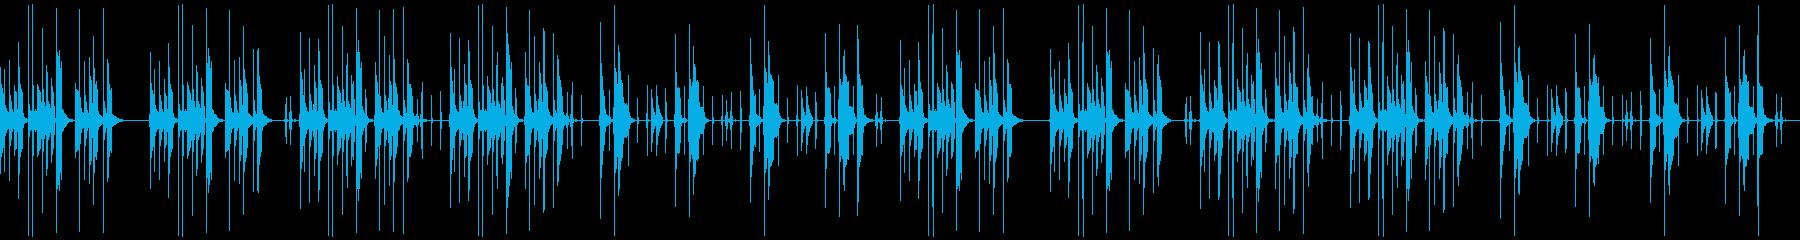 ほのぼのとしたシンキングタイムBGMの再生済みの波形